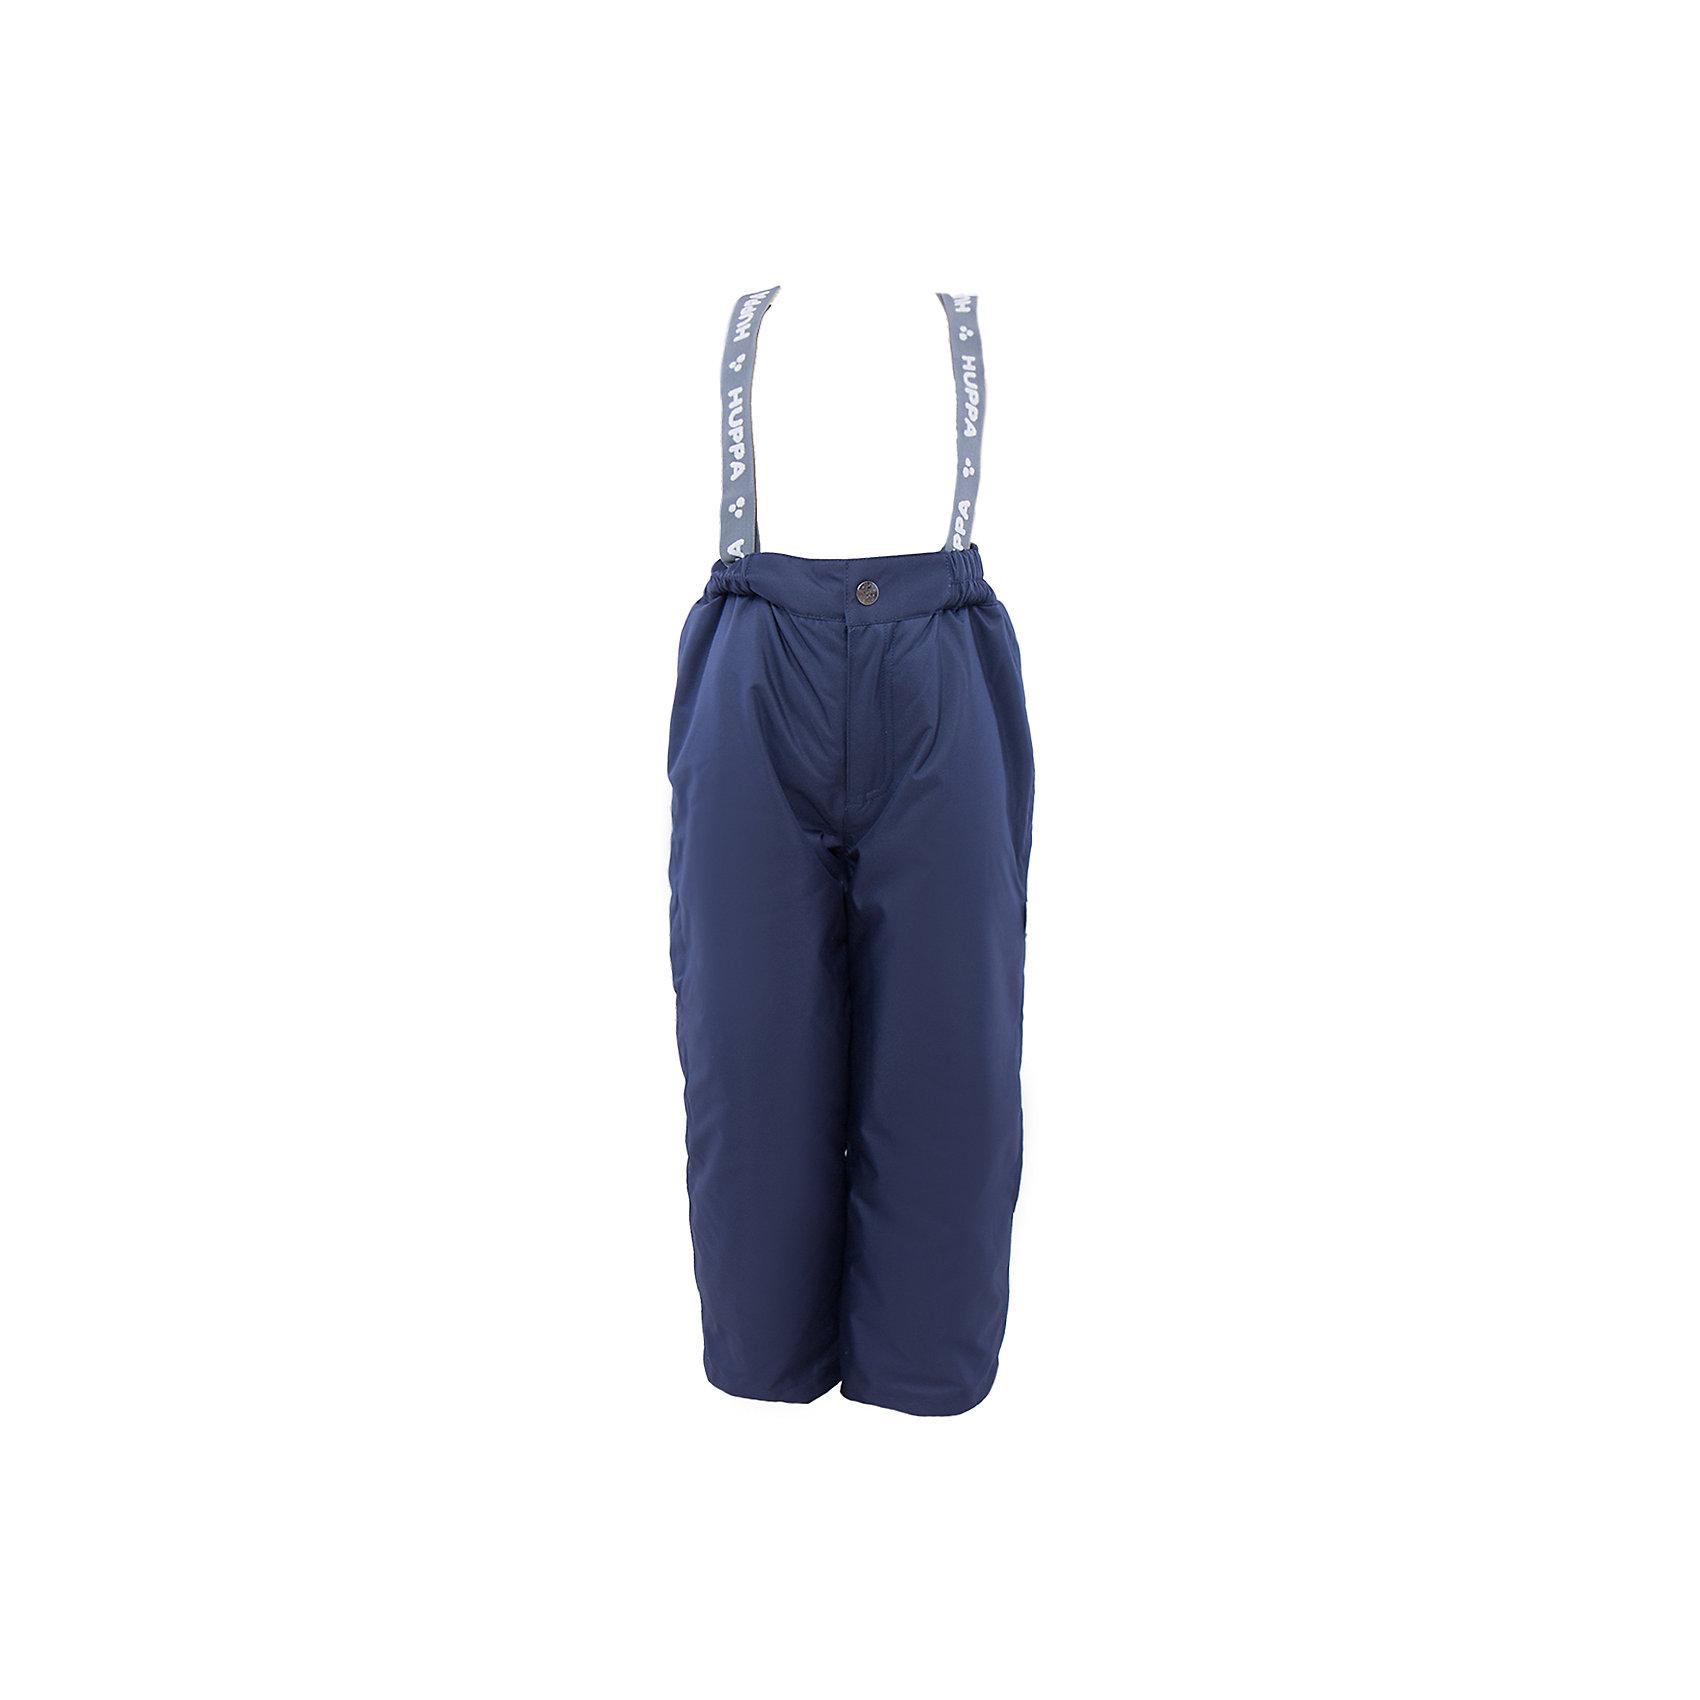 Брюки    HuppaВерхняя одежда<br>Утепленные брюки FREJA Huppa(Хуппа).<br><br>Утеплитель: 100% полиэстер, 160 гр.<br><br>Температурный режим: до -20 градусов. Степень утепления – средняя. <br><br>* Температурный режим указан приблизительно — необходимо, прежде всего, ориентироваться на ощущения ребенка. Температурный режим работает в случае соблюдения правила многослойности – использования флисовой поддевы и термобелья.<br><br>Не пропускают влагу и ветер, благодаря мембране, расположенной с изнанки. Легкий утеплитель HuppaTherm легко стирать, он быстро возвращает форму после стирки и легко сохнет. Брюки хорошо держатся на теле благодаря резинке на поясе и регулируемым подтяжкам с липучками; их легко надевать и застегивать с помощью кнопки и молнии. Отлично подойдут для зимних прогулок!<br><br>Особенности:<br>-прочная ткань<br>-двойные манжеты<br>-брюки не сковывают движений<br>-светоотражающие элементы<br>-шаговый шов проклеен<br><br>Дополнительная информация:<br>Материал: 100% полиэстер<br>Подкладка: тафта - 100% полиэстер<br>Цвет: темно-синий<br><br>Вы можете приобрести брюки FREJA Huppa(Хуппа) в нашем интернет-магазине.<br><br>Ширина мм: 215<br>Глубина мм: 88<br>Высота мм: 191<br>Вес г: 336<br>Цвет: синий<br>Возраст от месяцев: 36<br>Возраст до месяцев: 48<br>Пол: Унисекс<br>Возраст: Детский<br>Размер: 122,128,134,104,140,110,116<br>SKU: 4928367